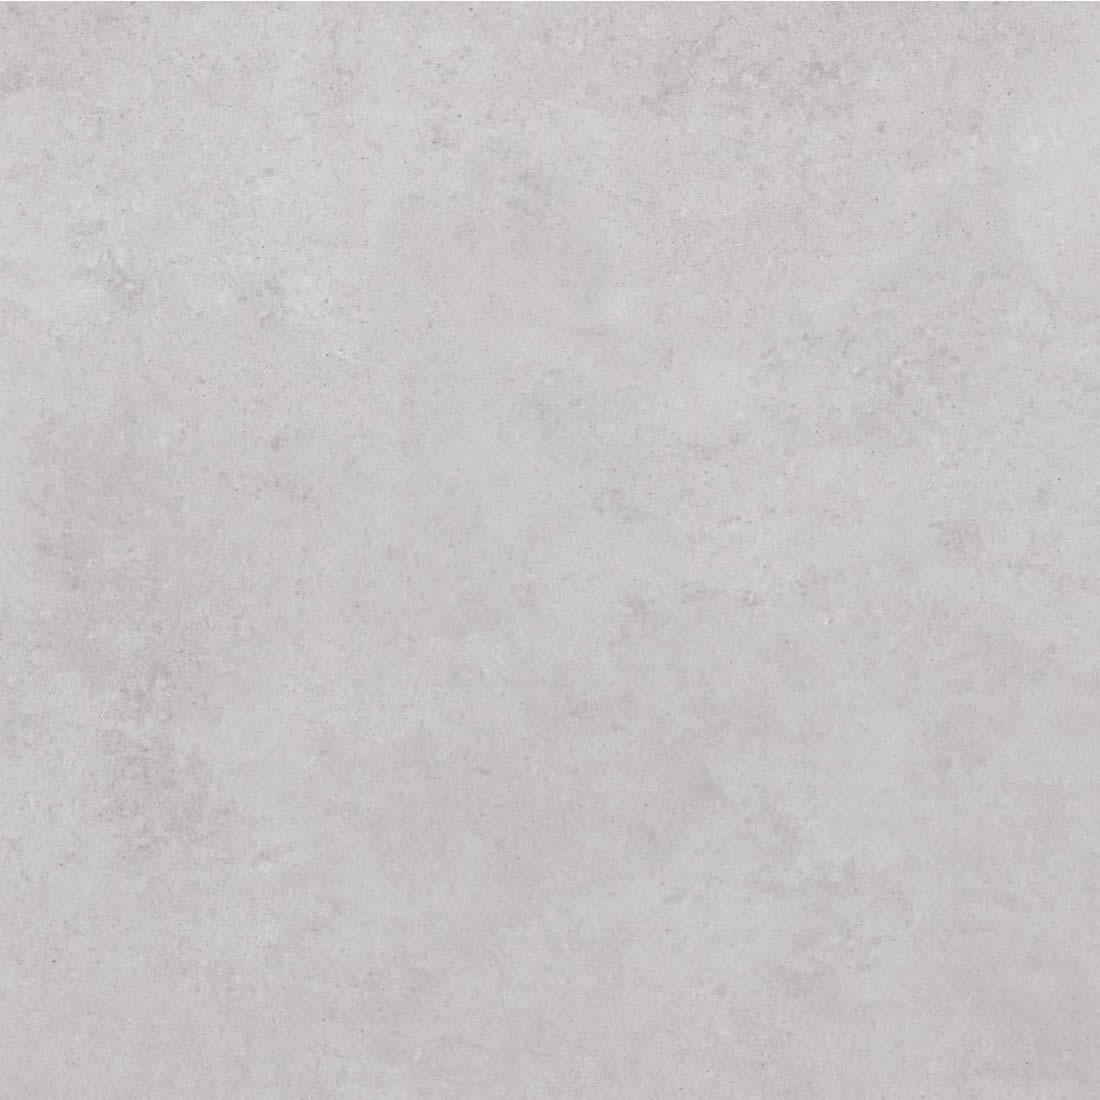 Piso Delta HD Flat Ciment Mate 54 x 54 Acetinado